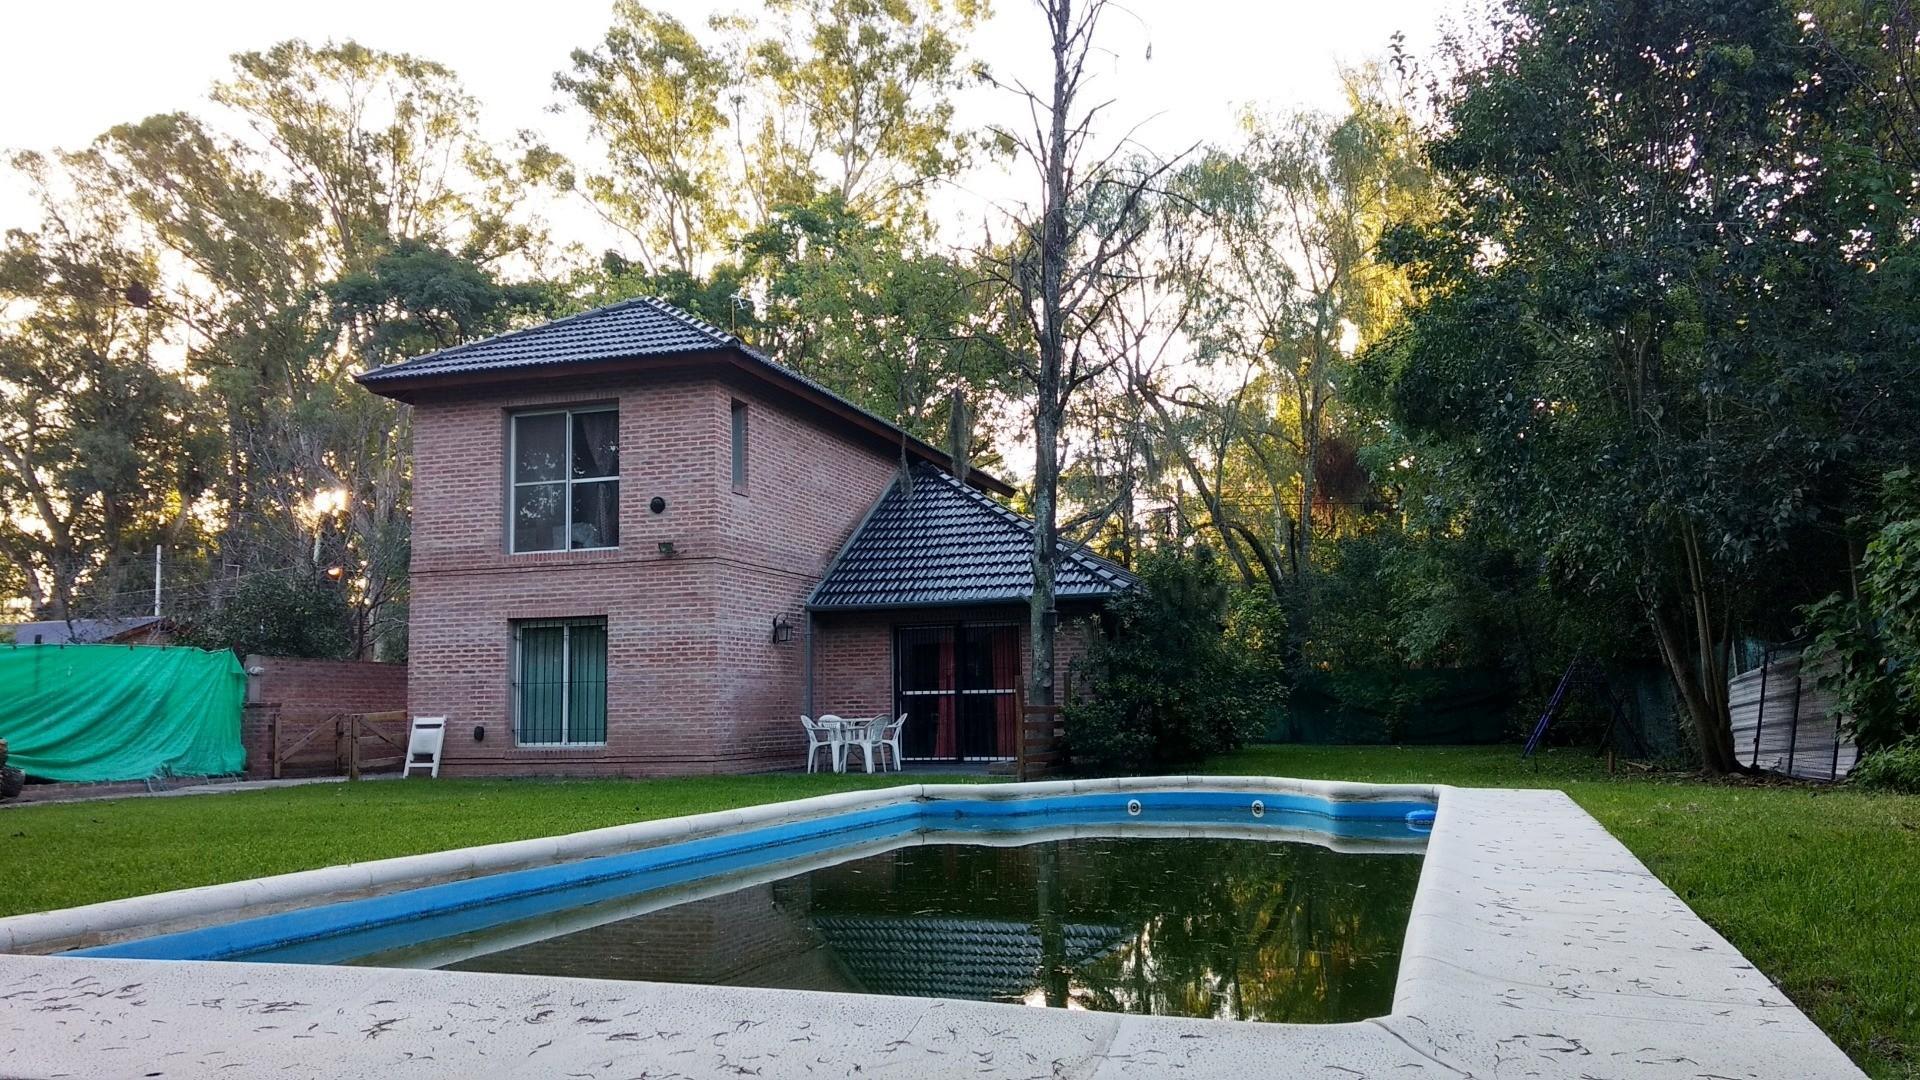 Casa en Venta - 4 ambientes - USD 290.000